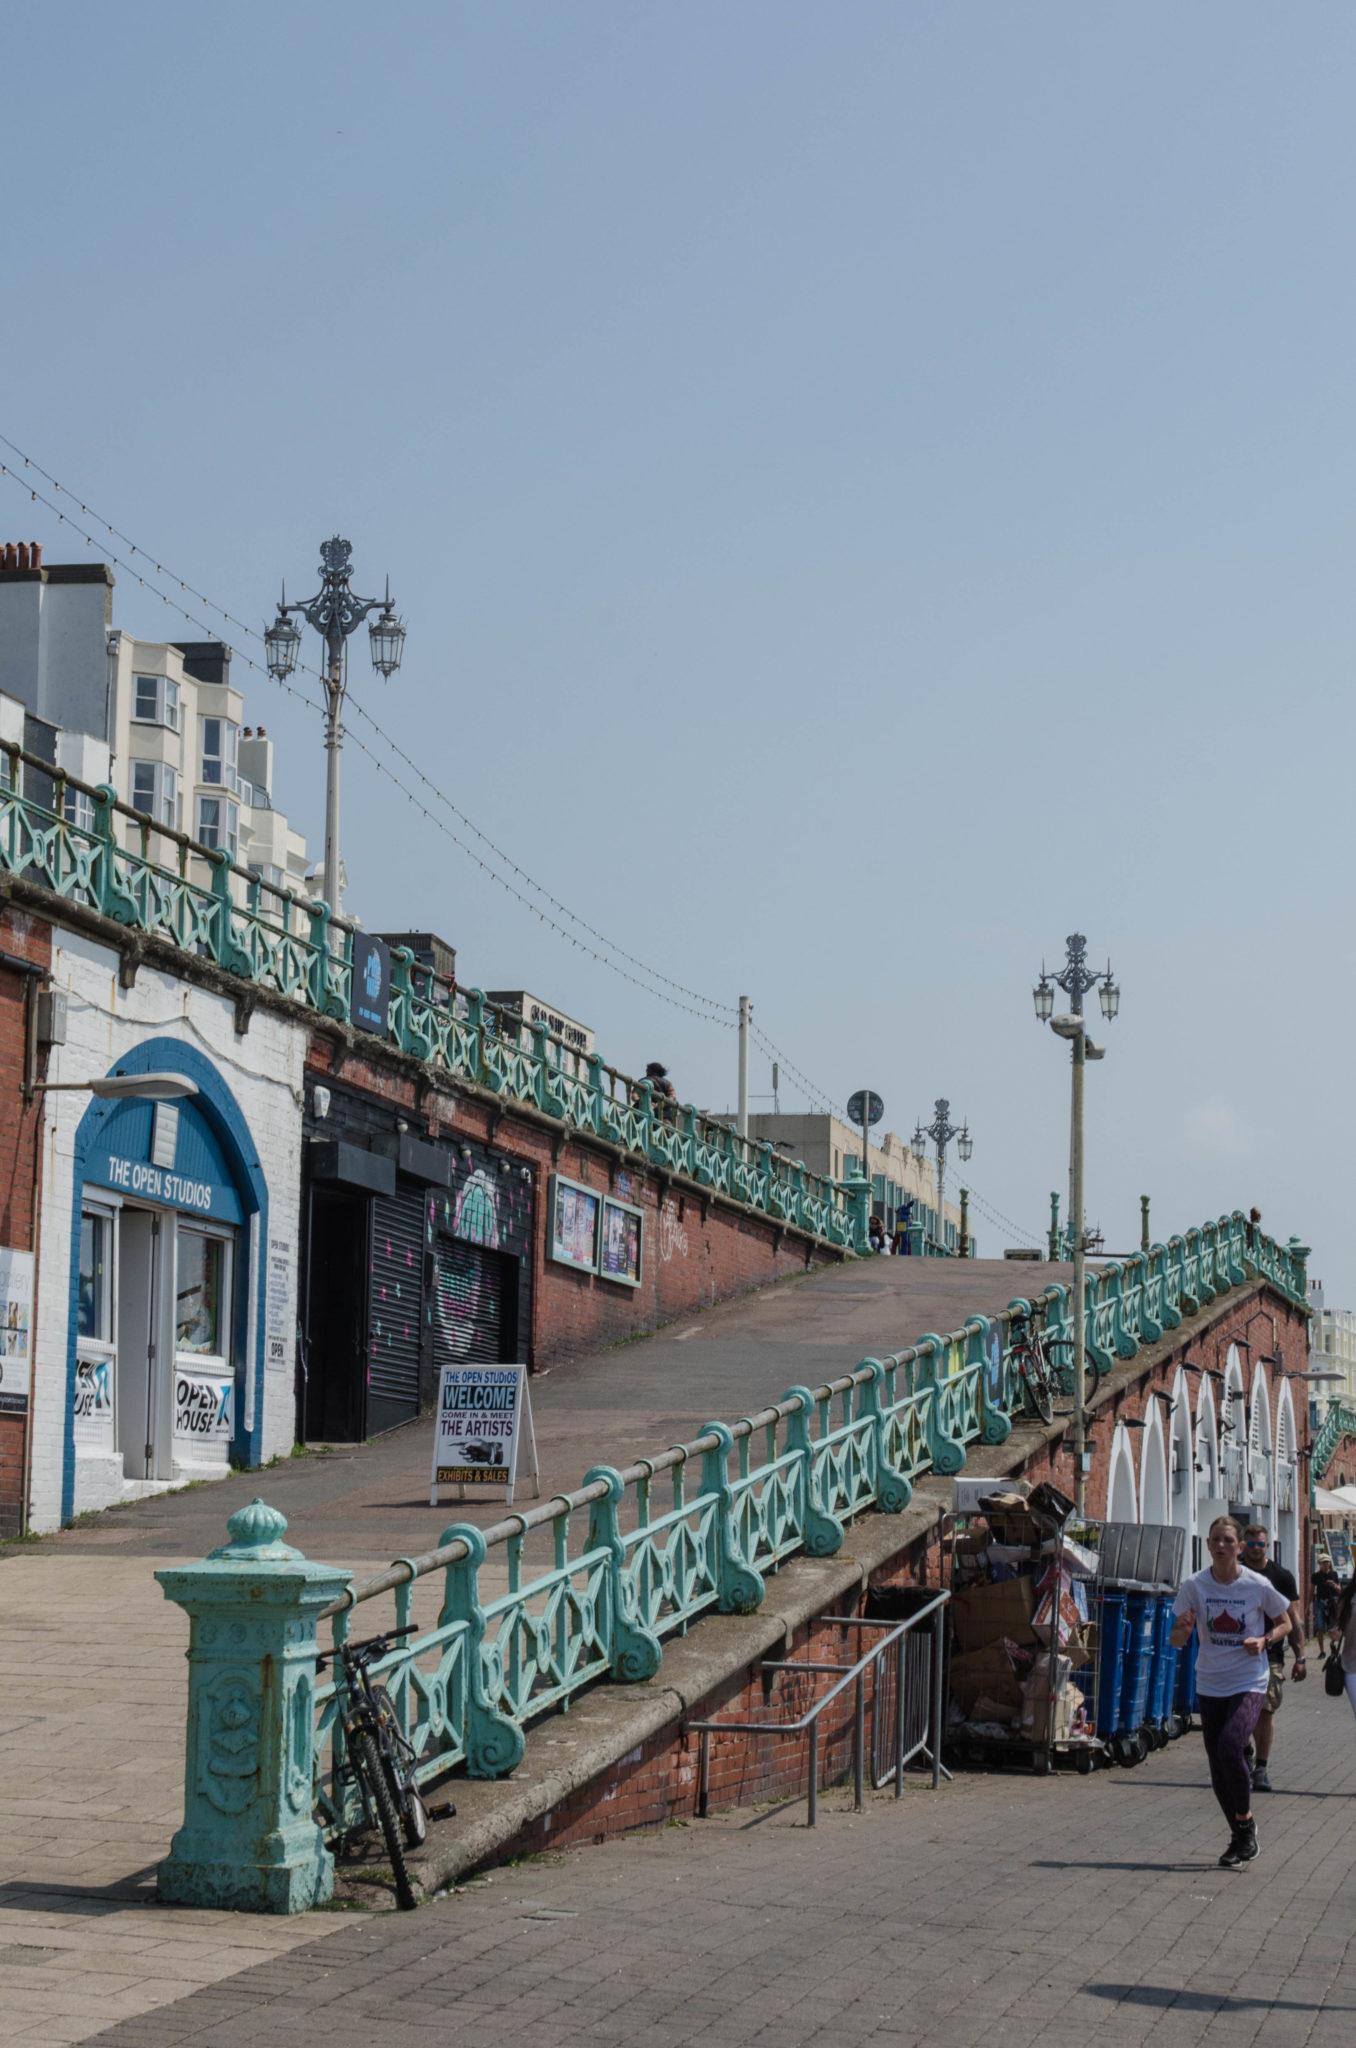 An der Strandpromenade in Brighton findet man noch viele Überbleibsel von früher.